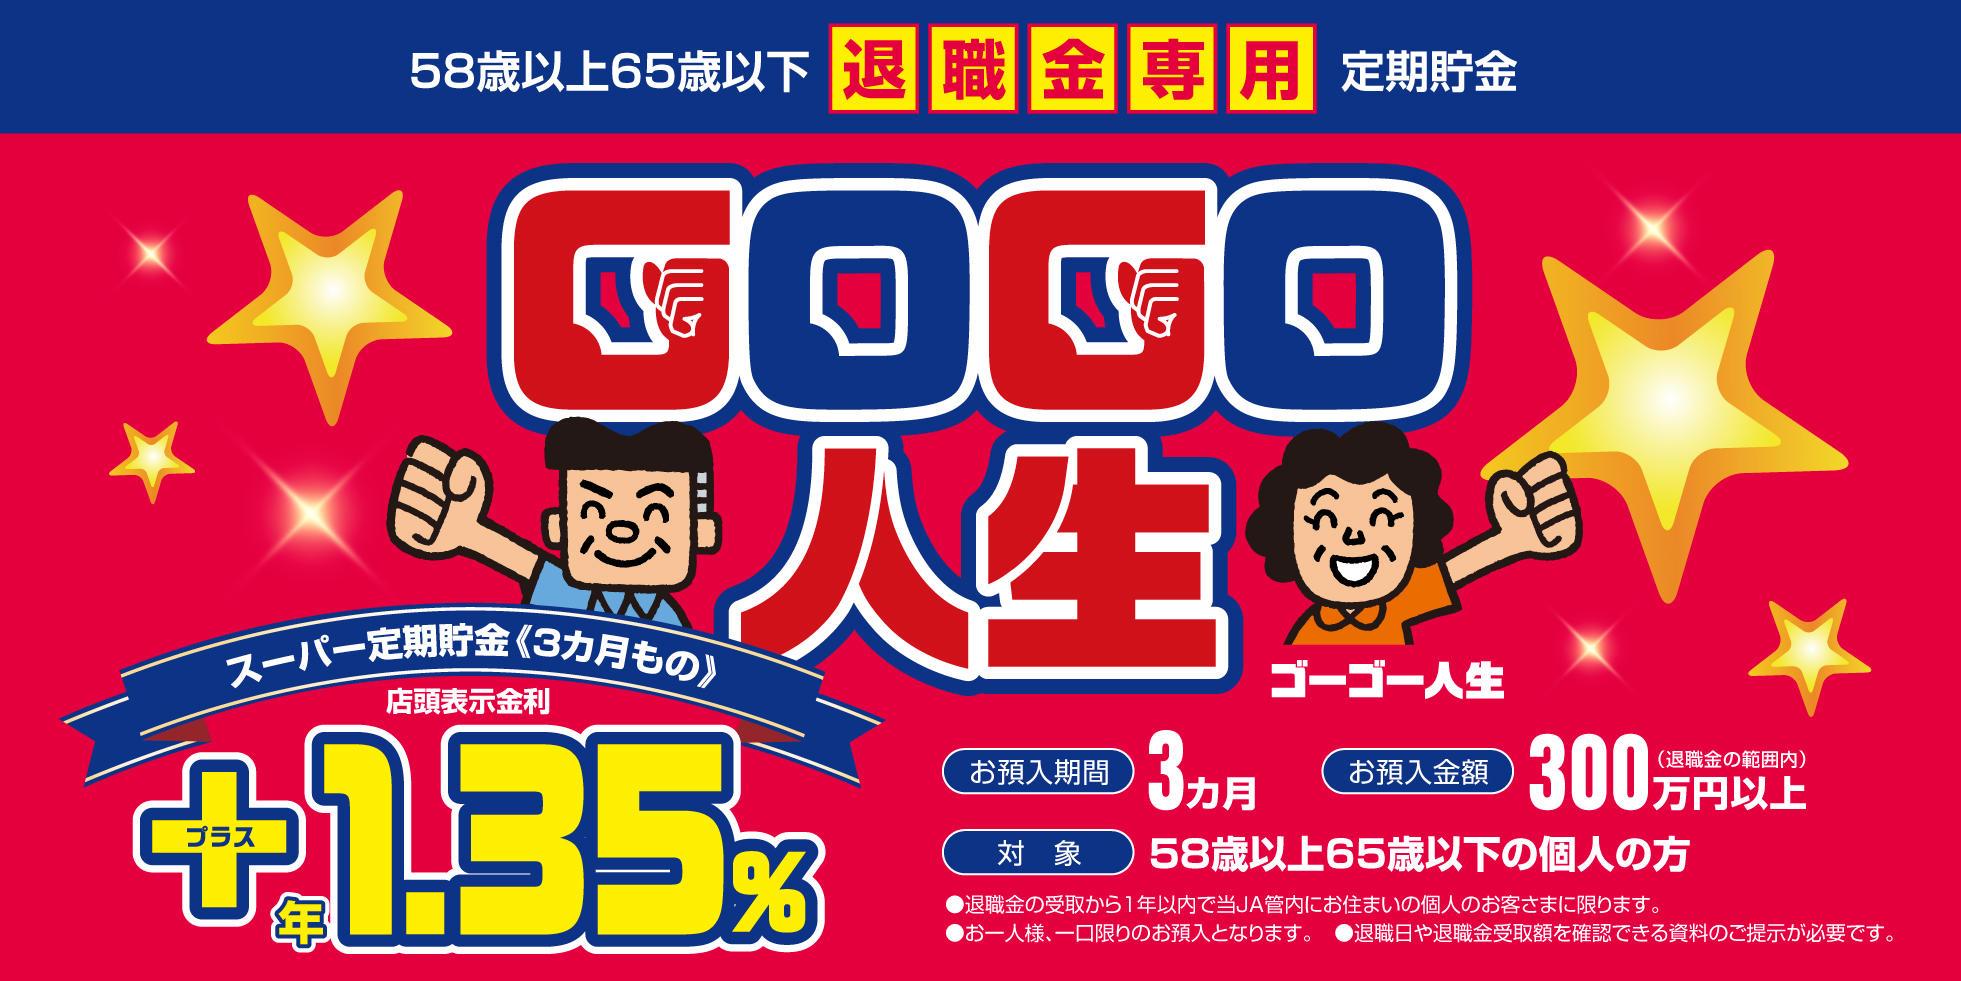 gogo_top_banner.jpg